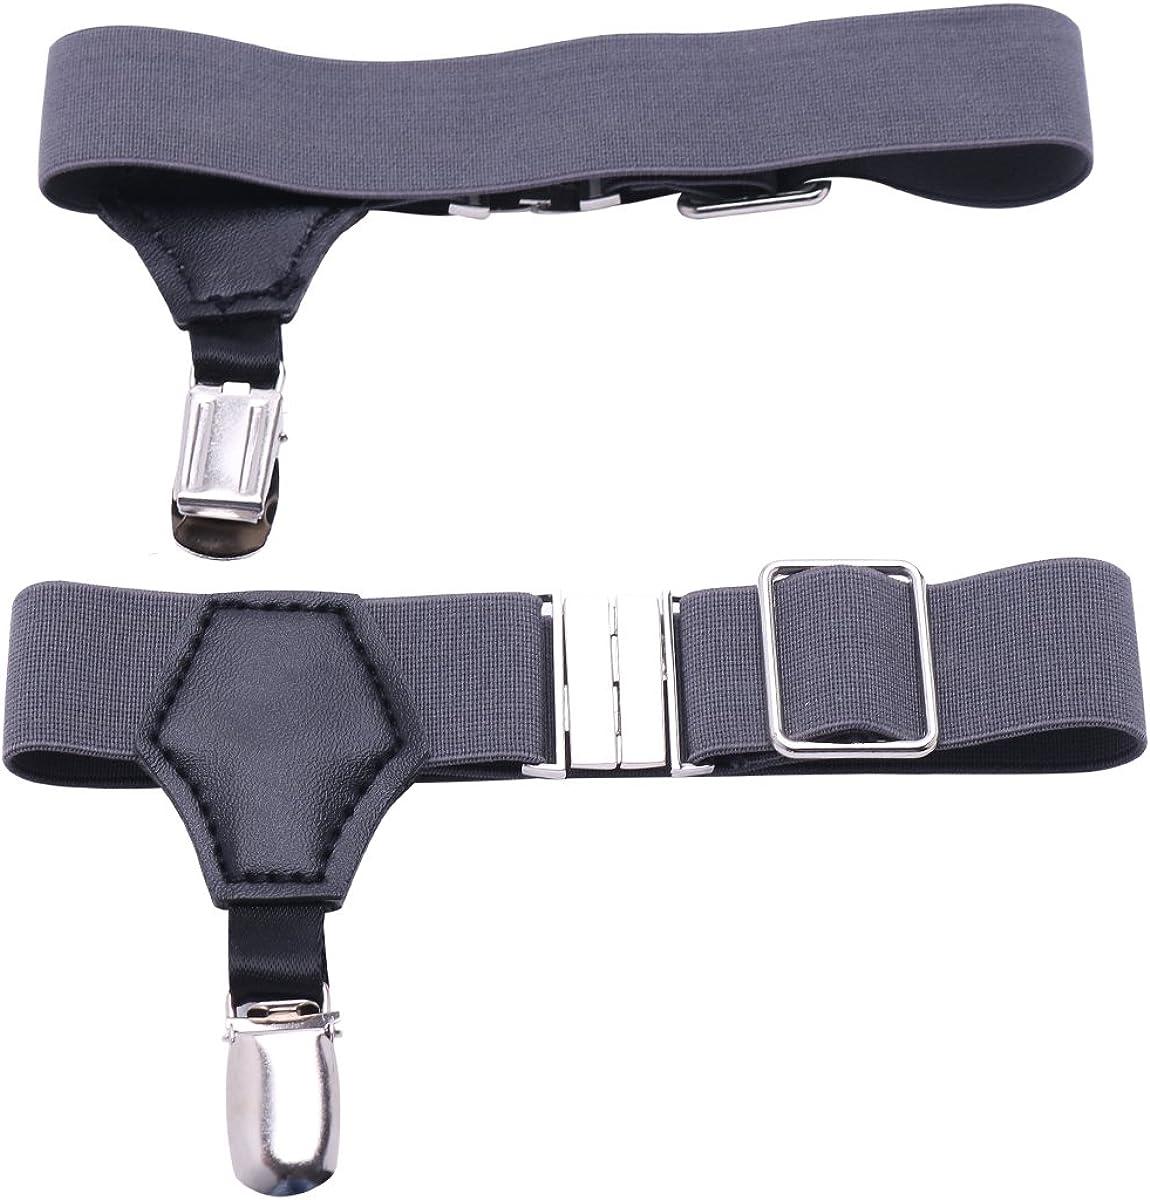 CHICTRY Men's Adjustable Sock Garters Belt Suspender Non-slip Metal Clips Accessories